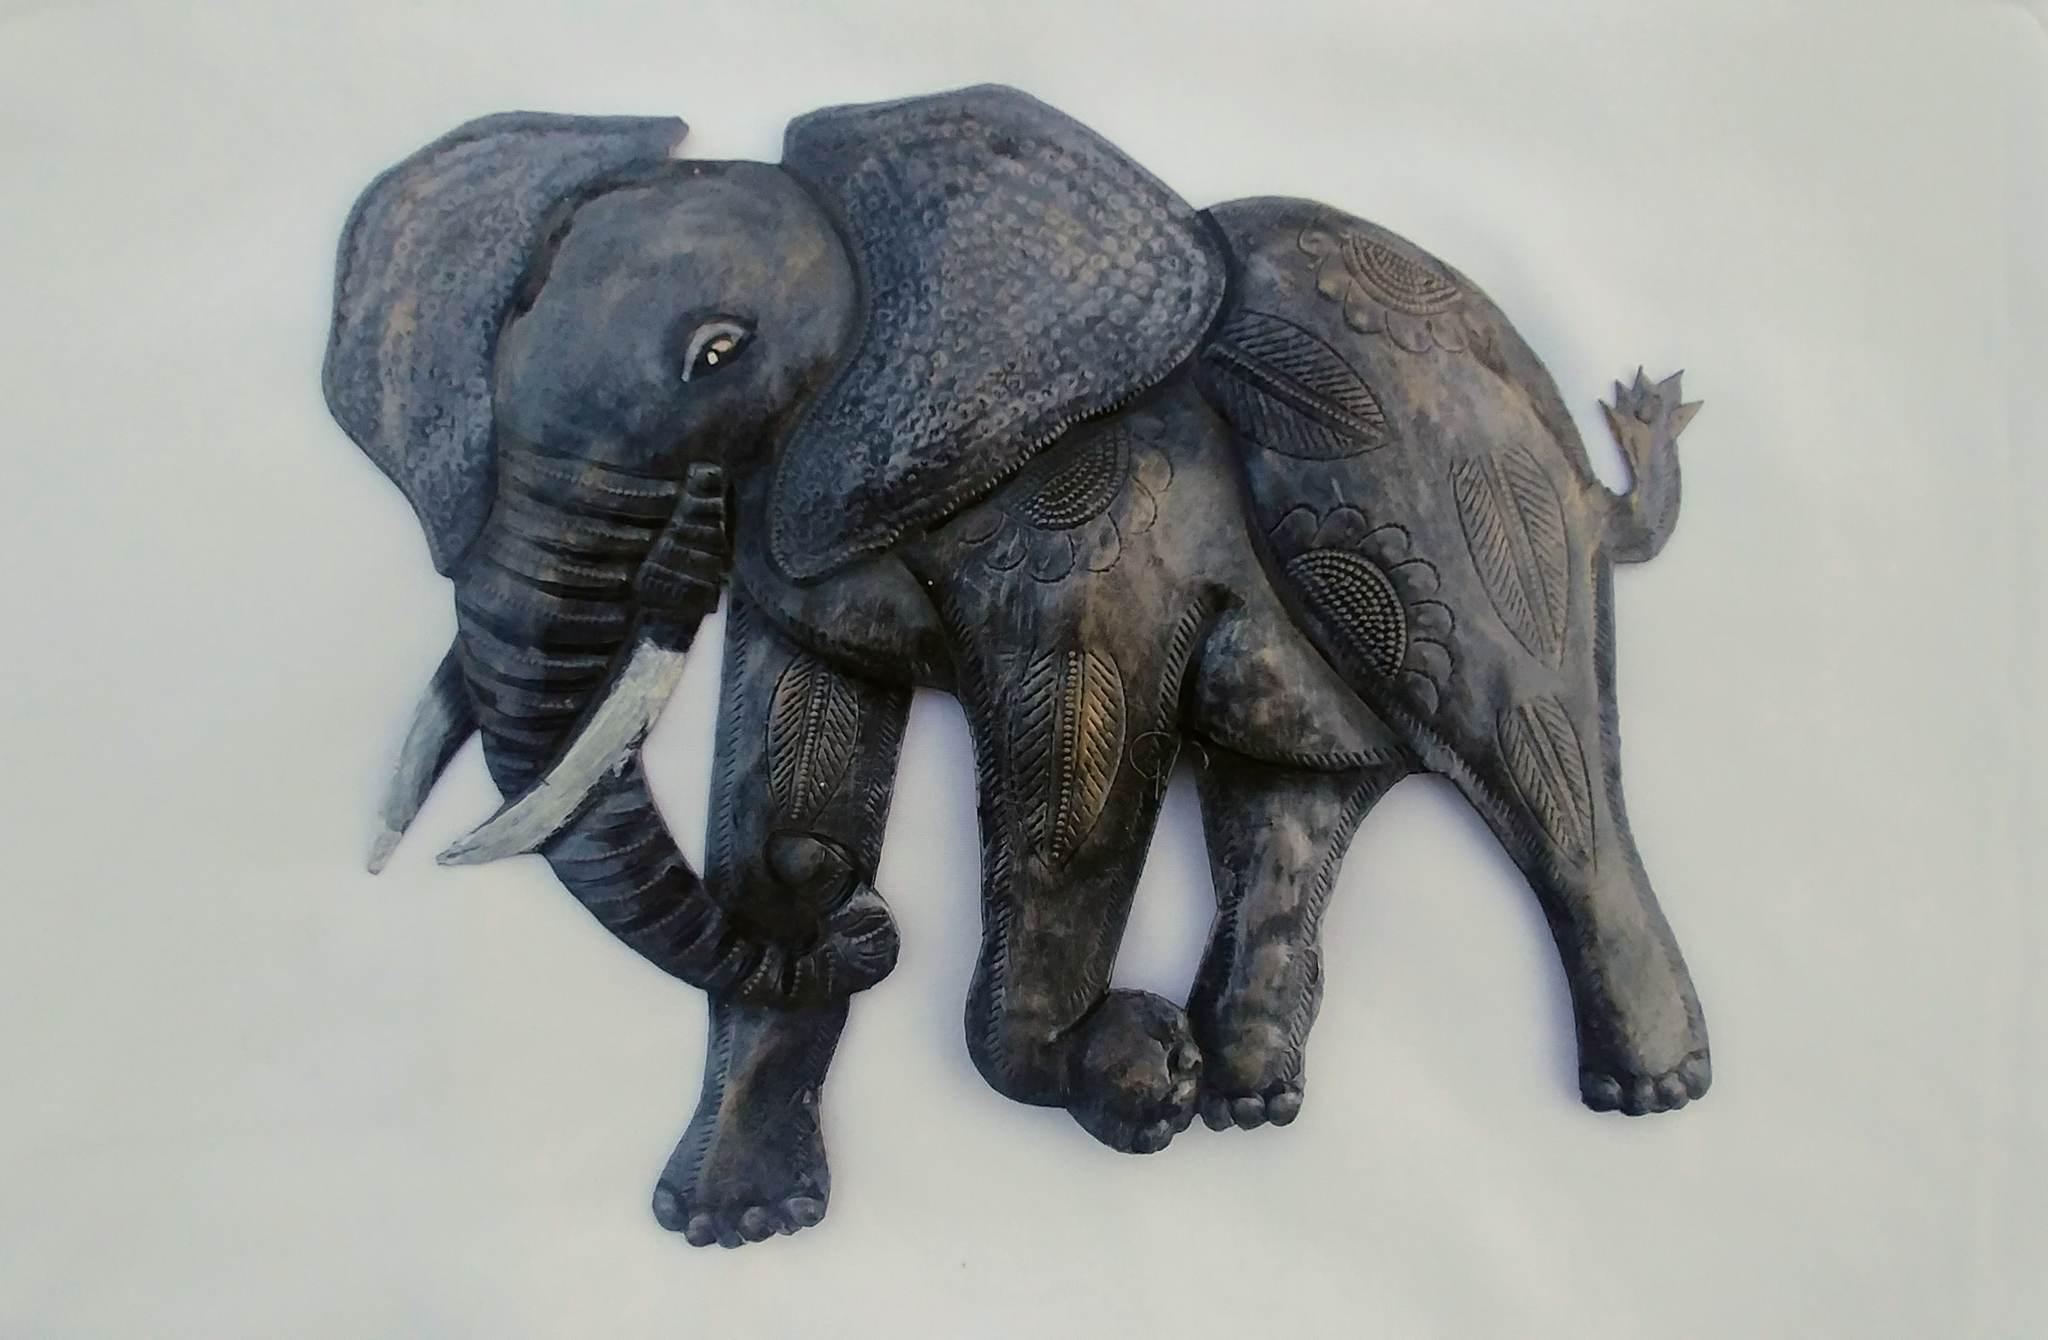 Elephant - $40 - qty 1